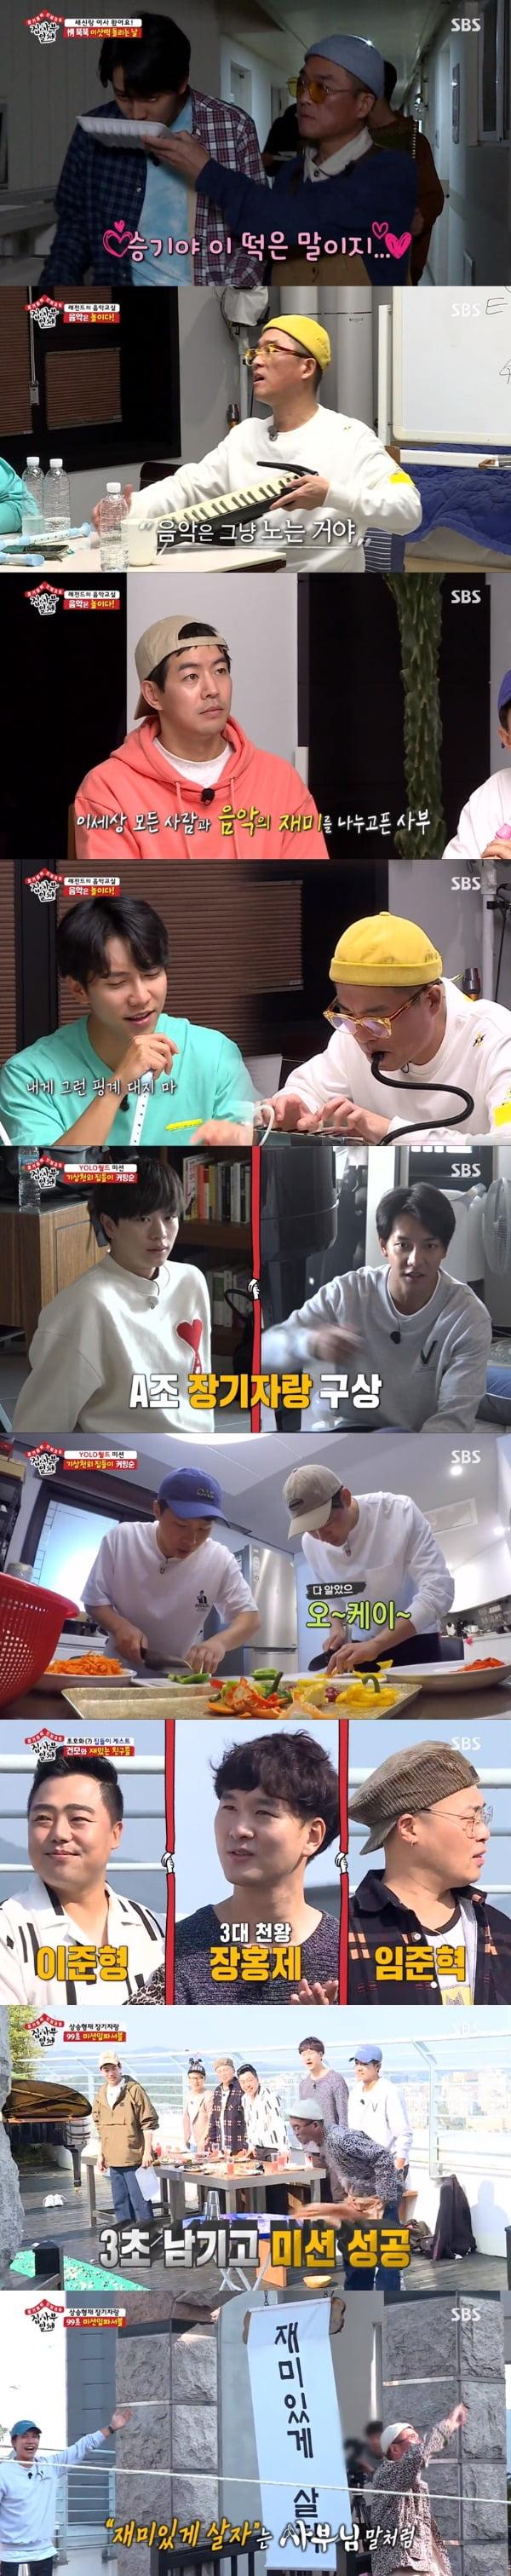 '집사부일체' 김건모 /사진=SBS 예능프로그램 '집사부일체' 영상 캡처